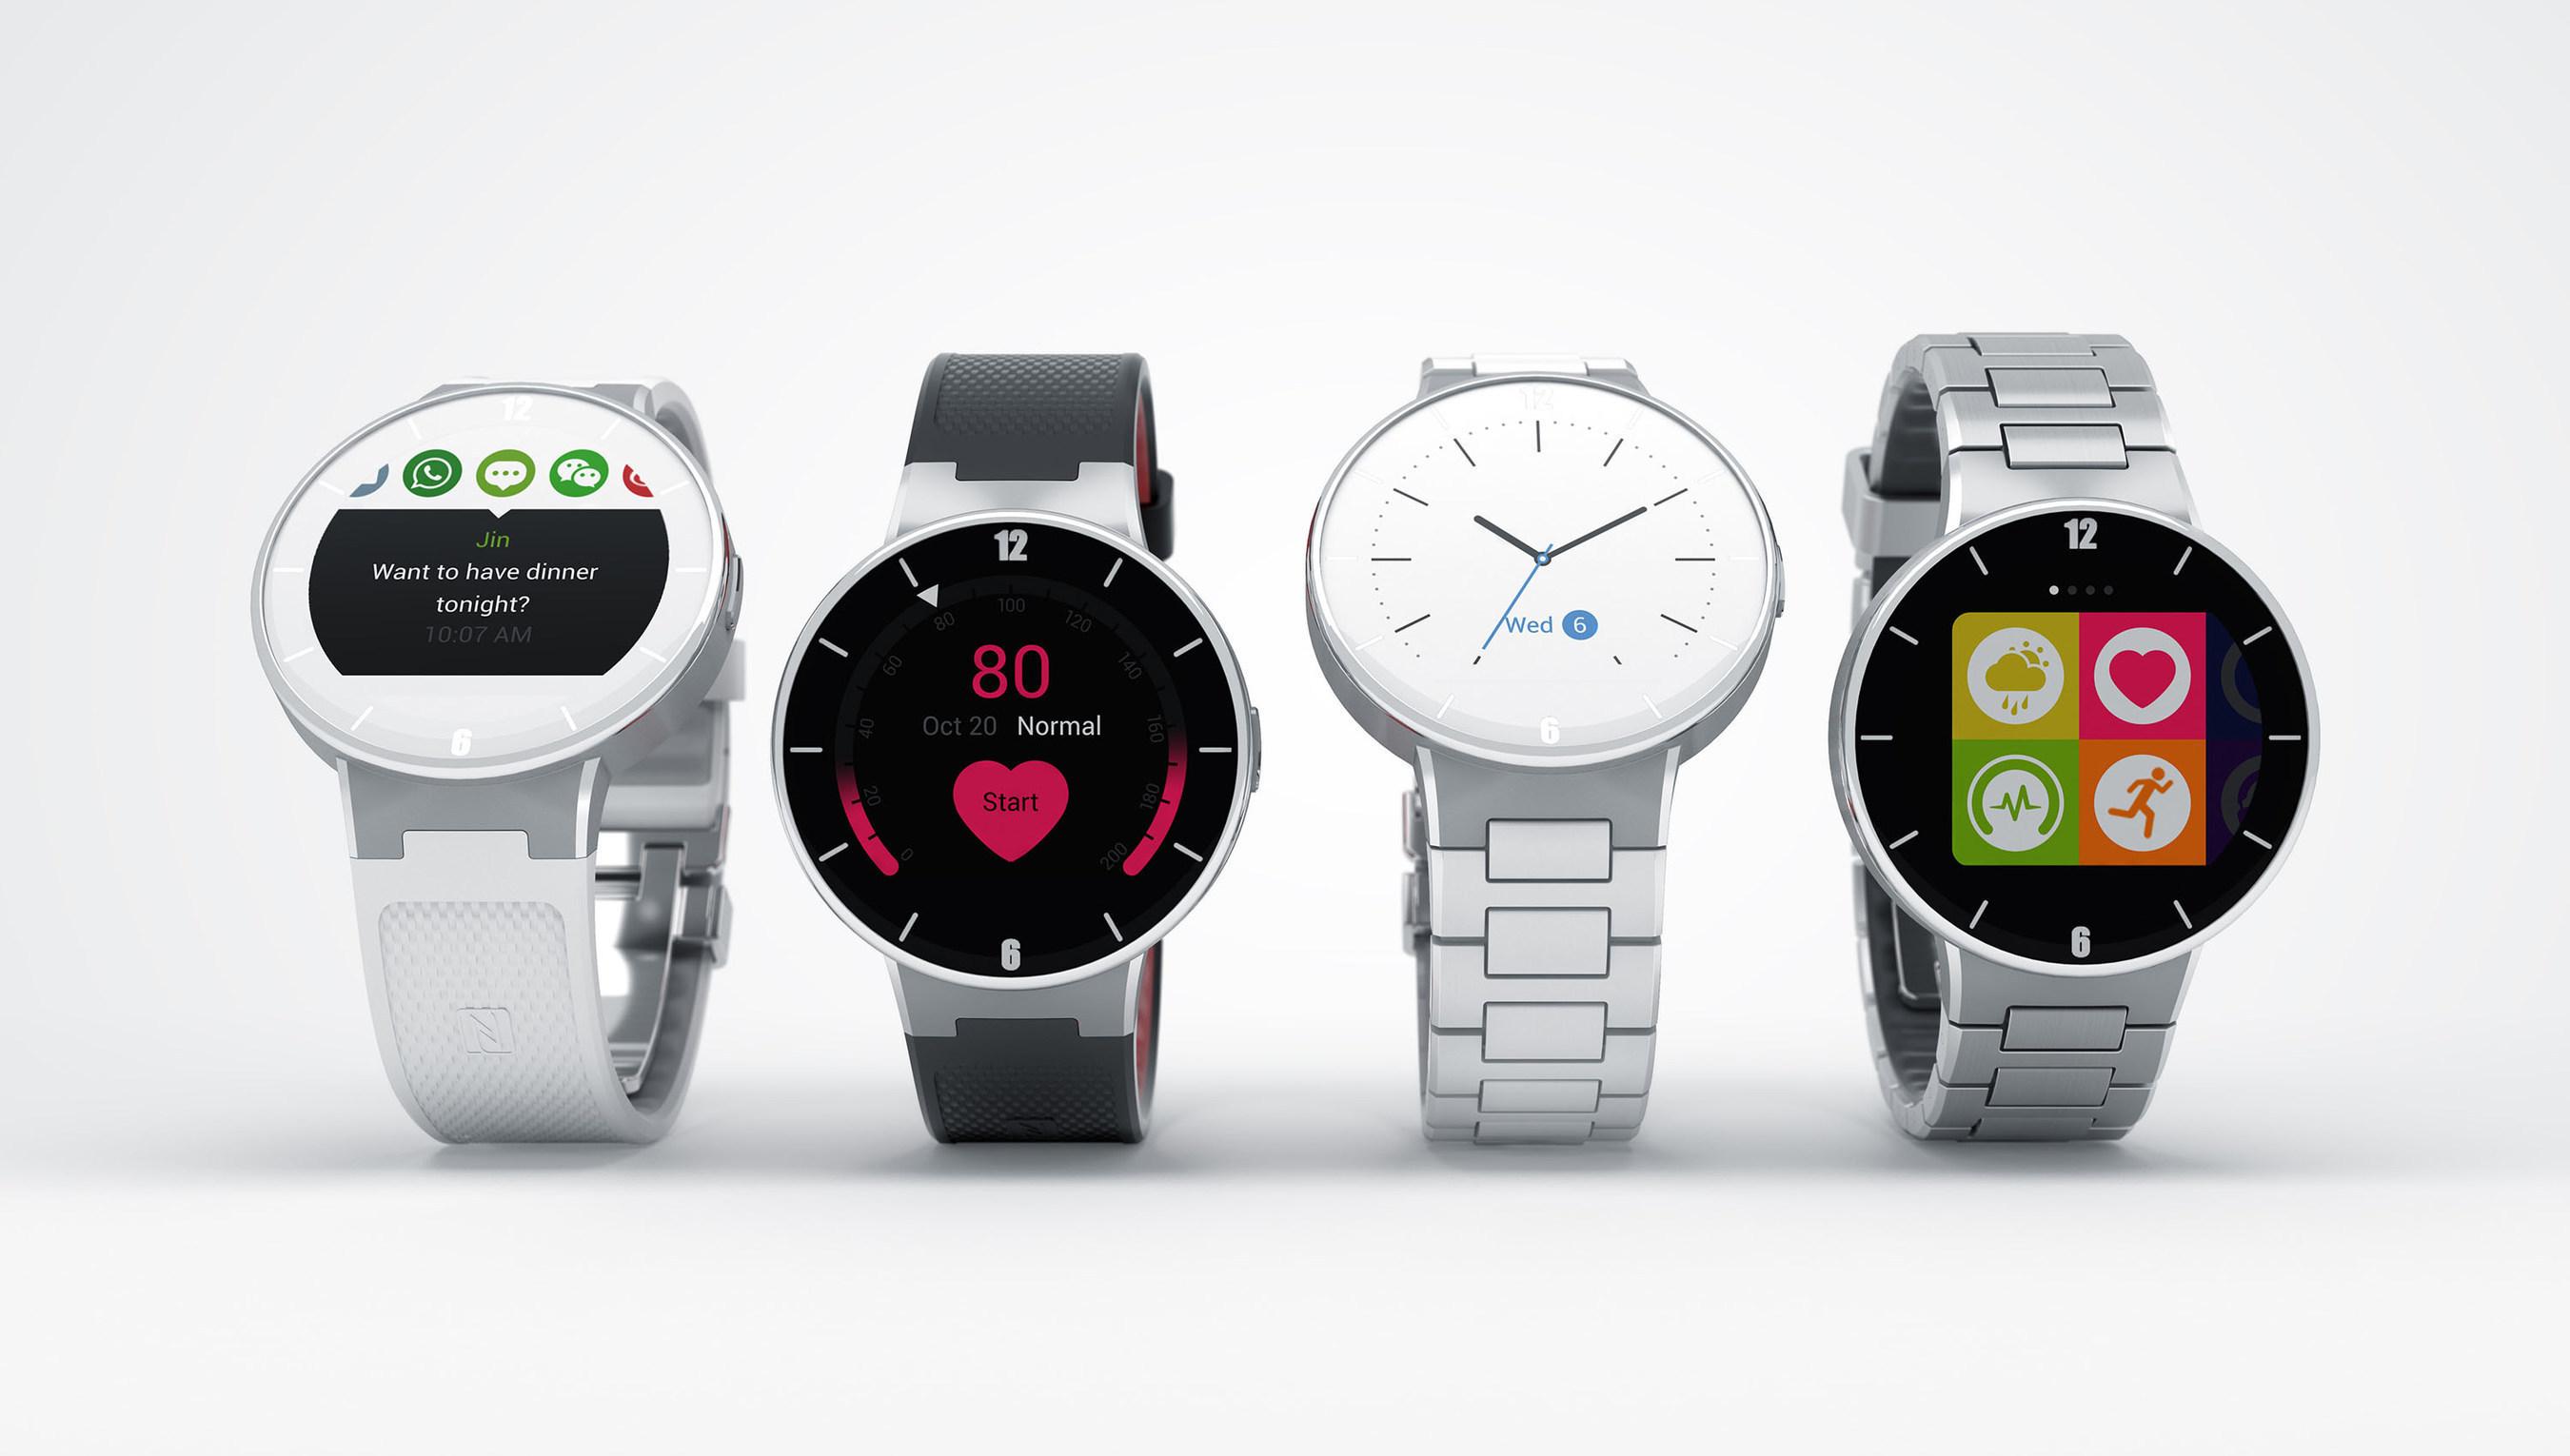 WATCH: ALCATEL ONETOUCH представляет полную линейку умных часов высококлассного дизайна, доступных